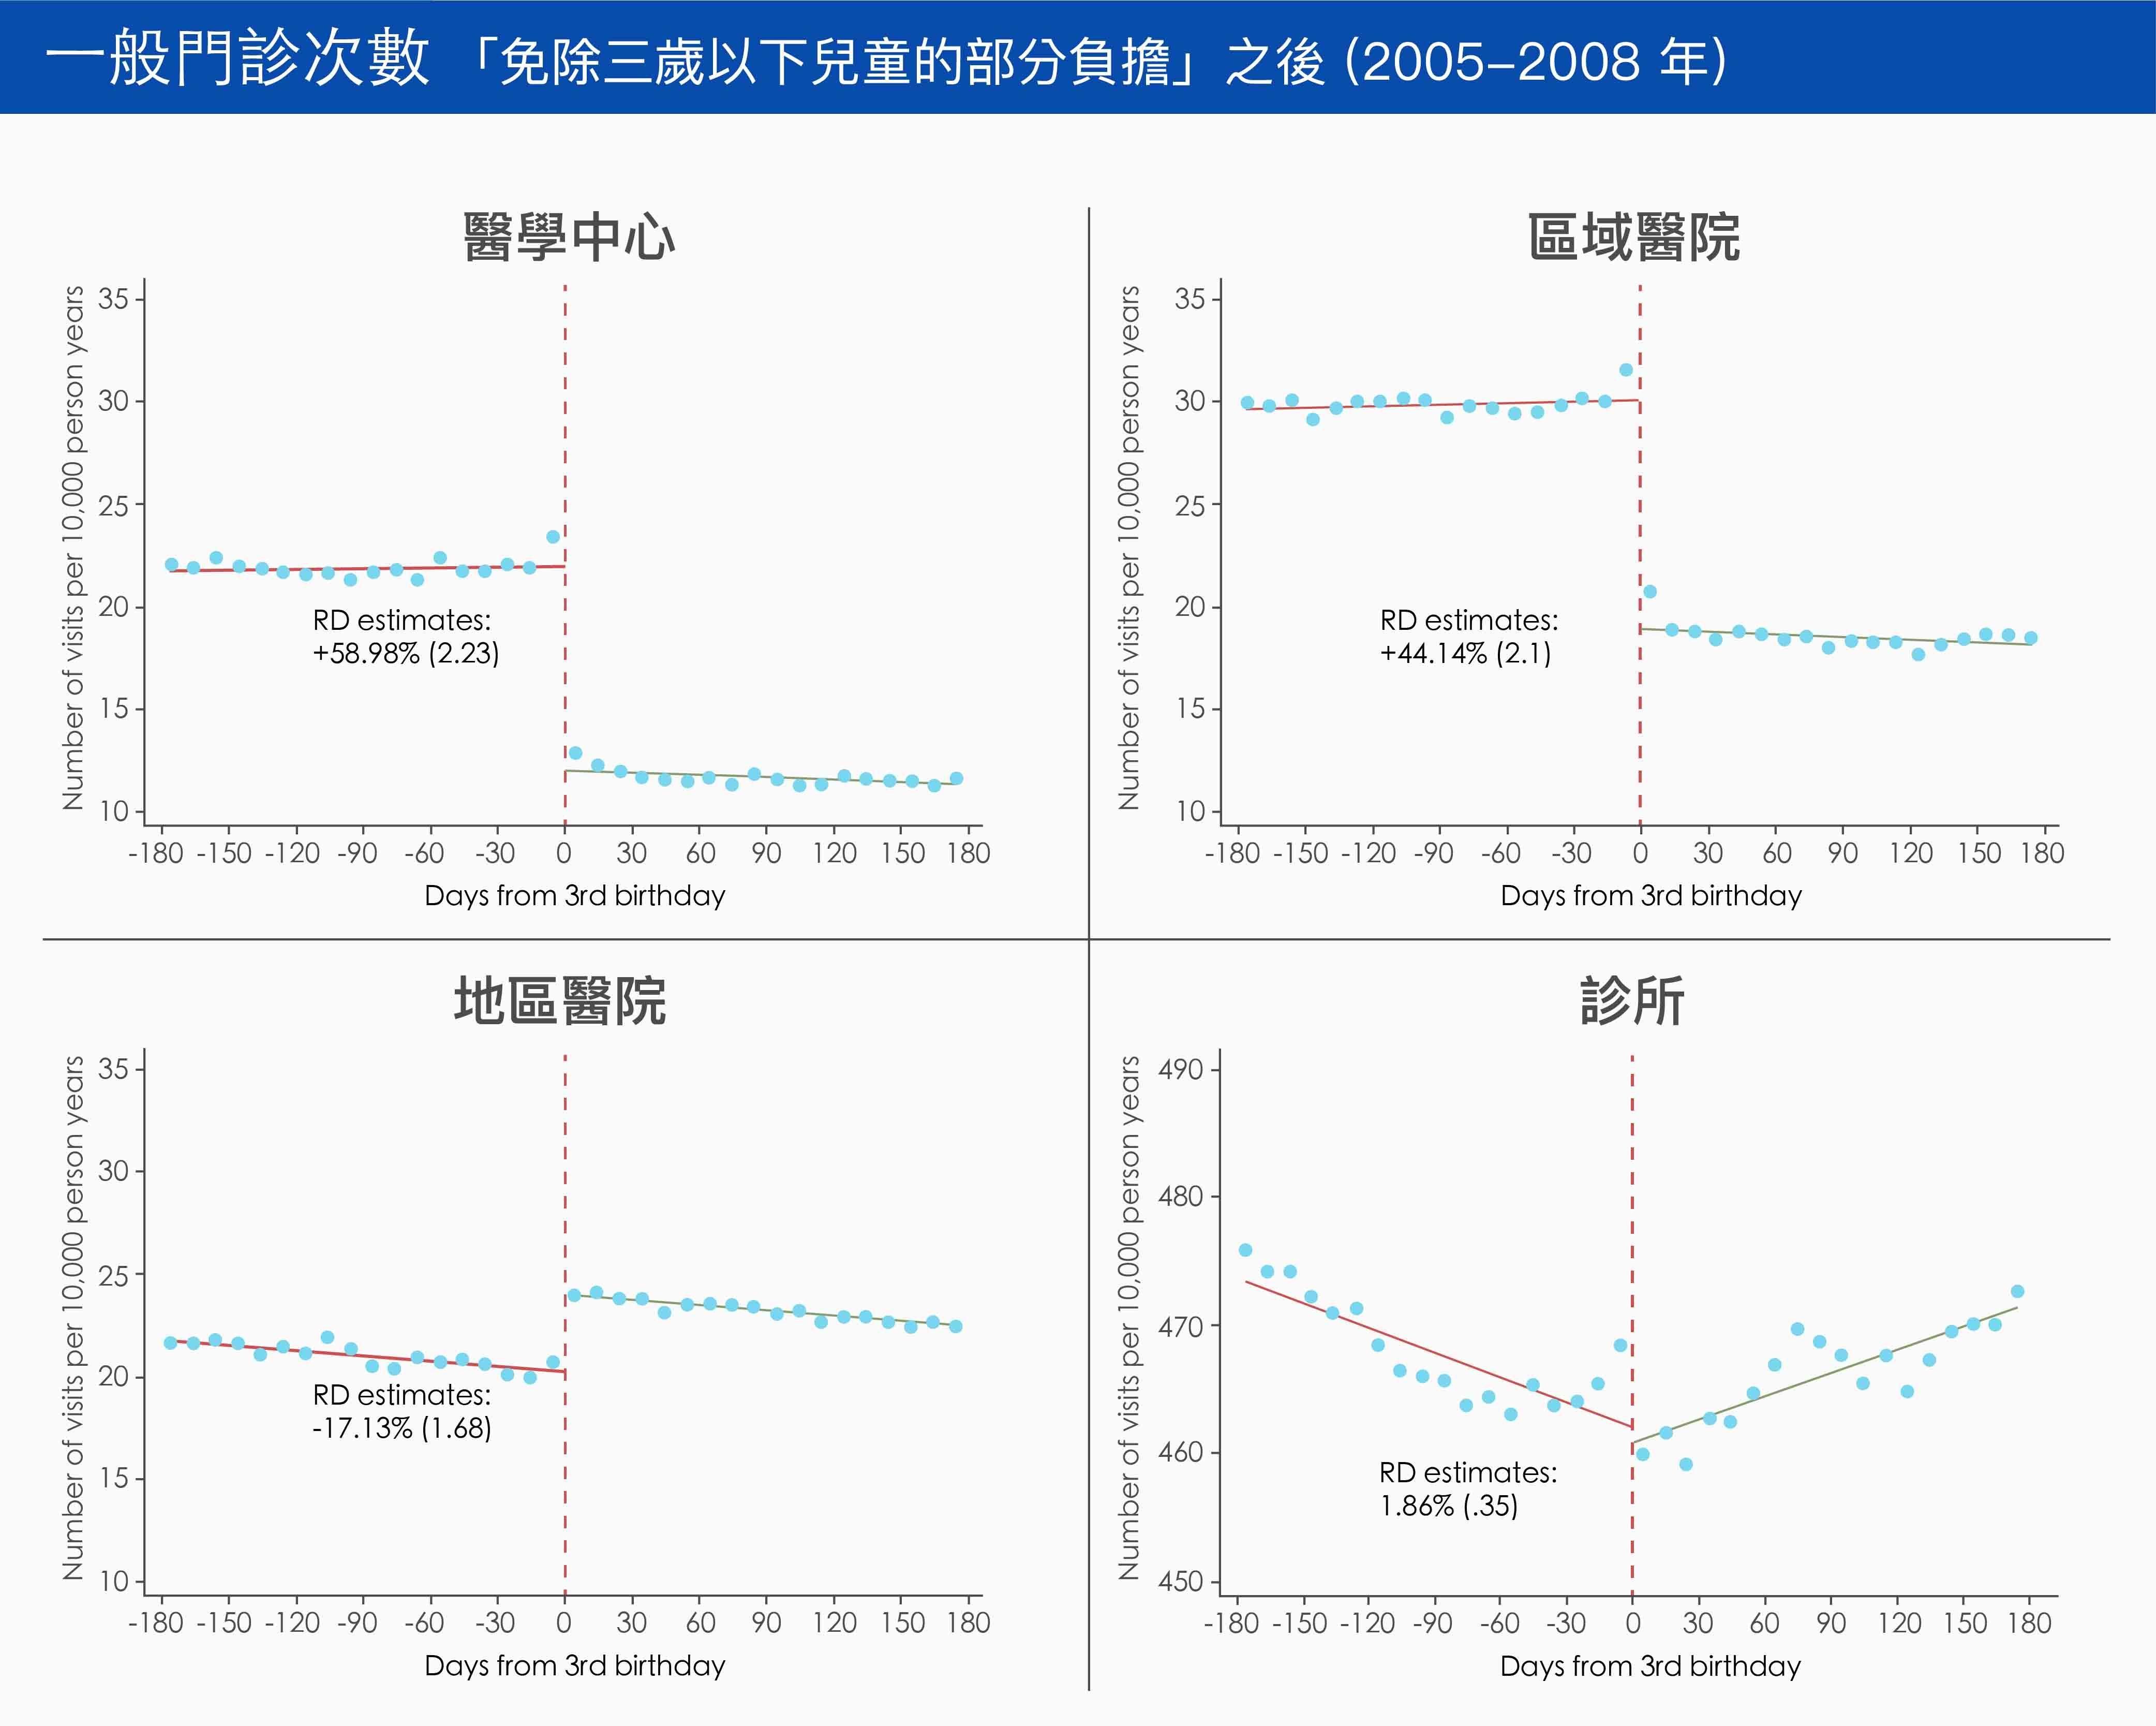 由於三歲以下兒童免除部分負擔,三歲前到「醫學中心」與「區域醫院」看診的次數,比三歲後高出許多。圖│Patient Cost-Sharing and Health Care Utilization in Early Childhood: Evidence from a Regression Discontinuity Design (with Hsing-Wen Han and Hsien-Ming Lien)